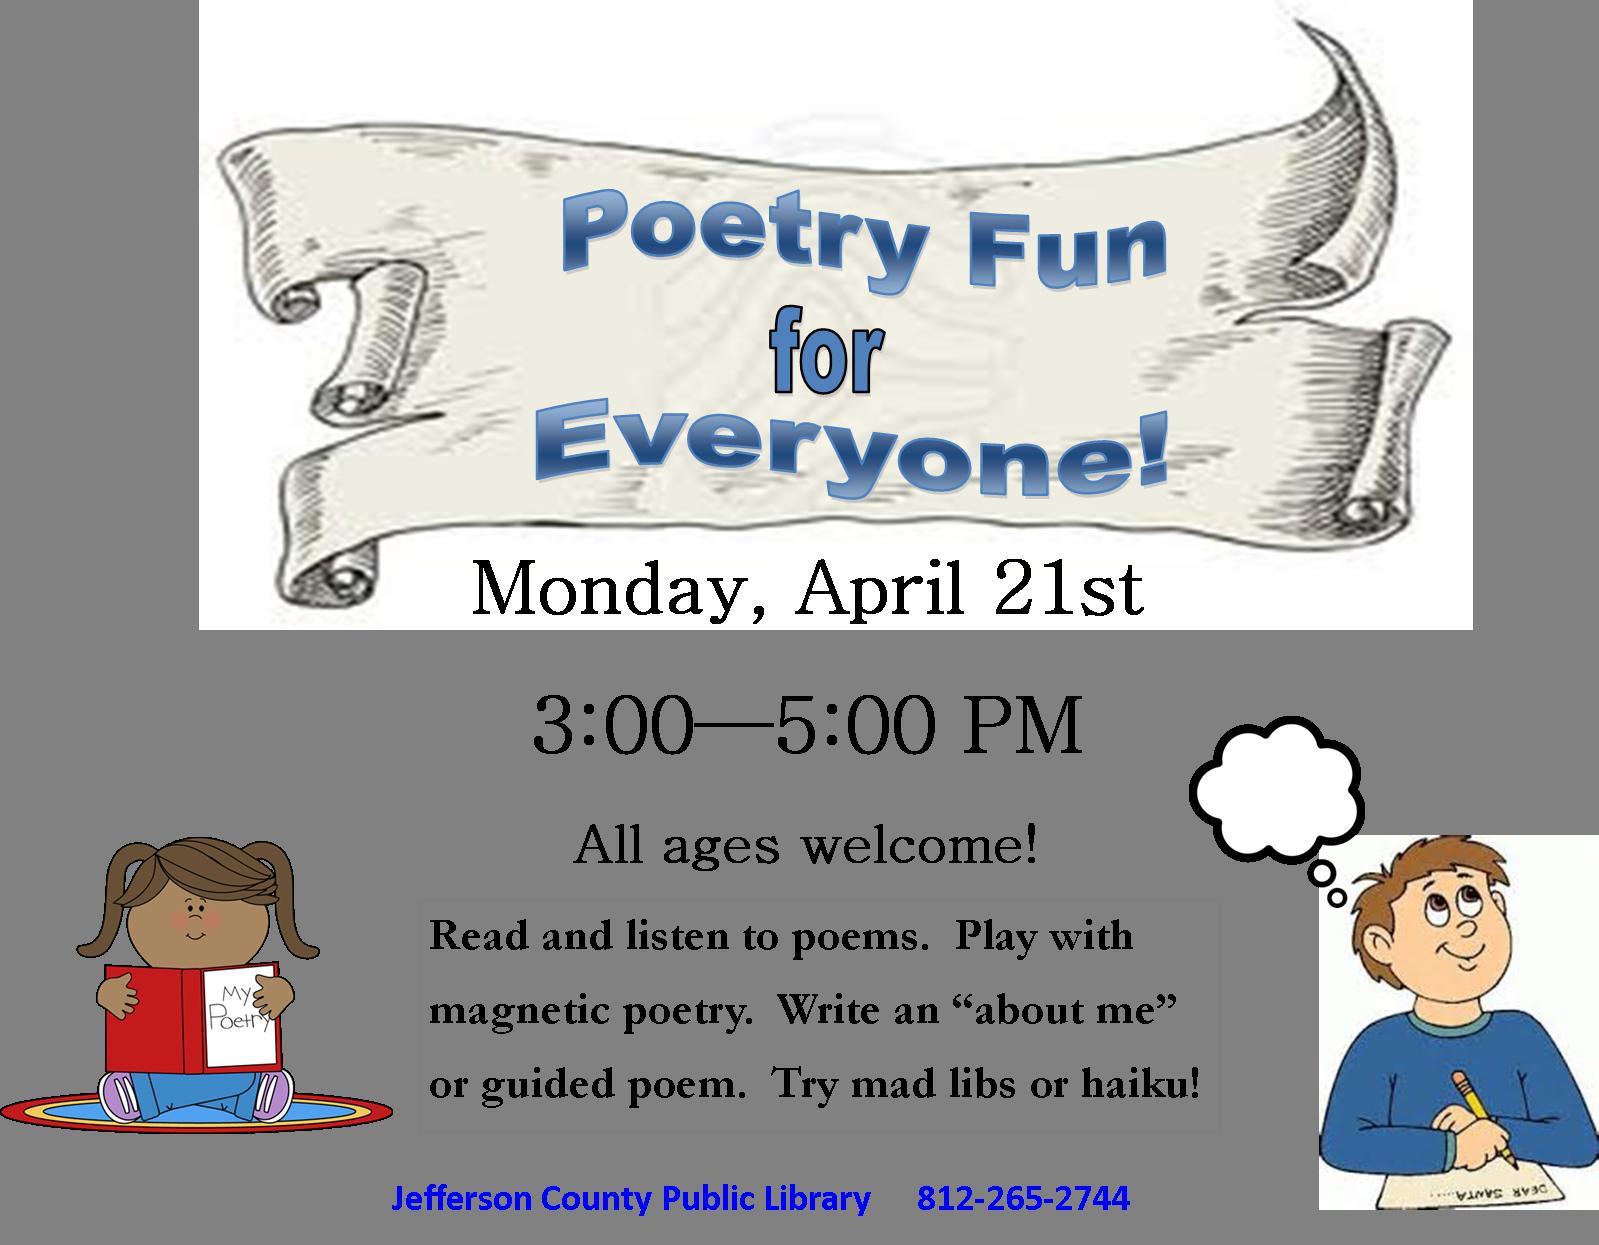 Poetry fun for everyone. Poem clipart haiku